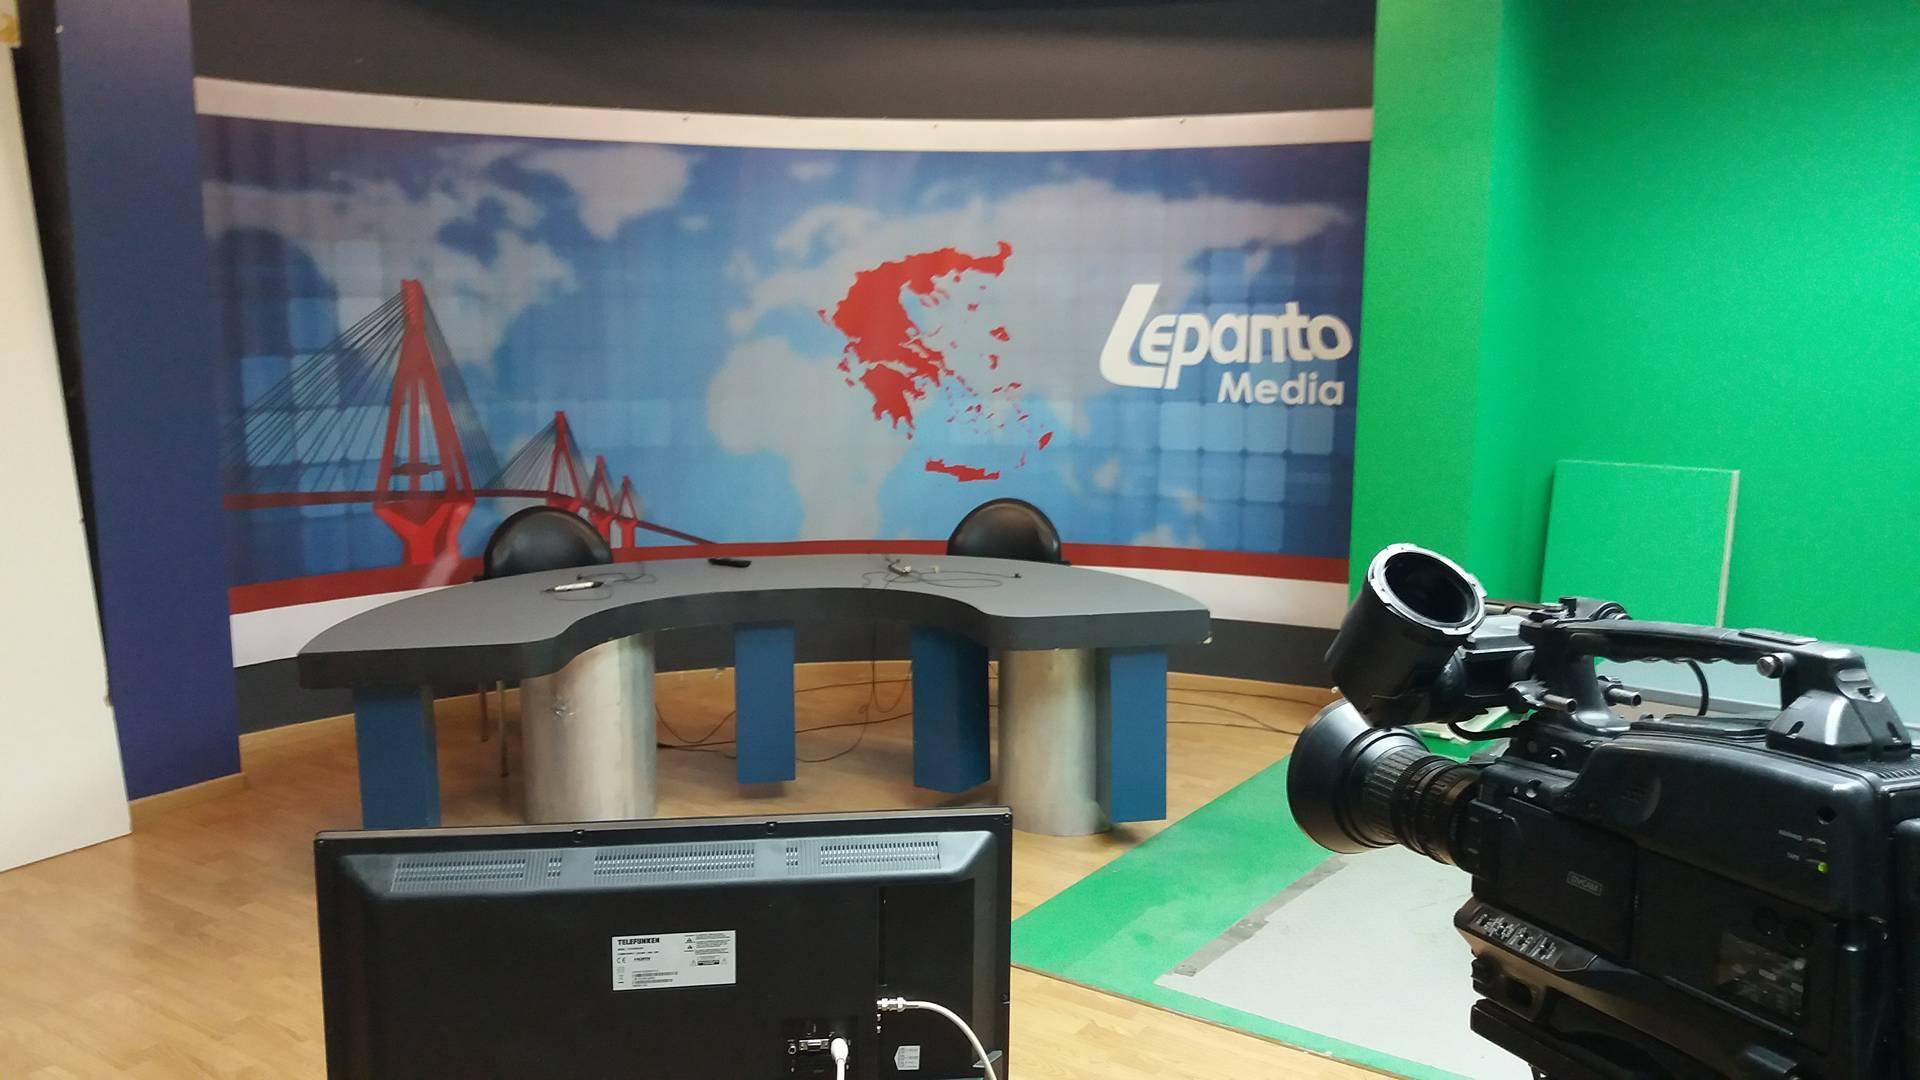 Νέα αρχή για την τηλεόραση του Lepanto